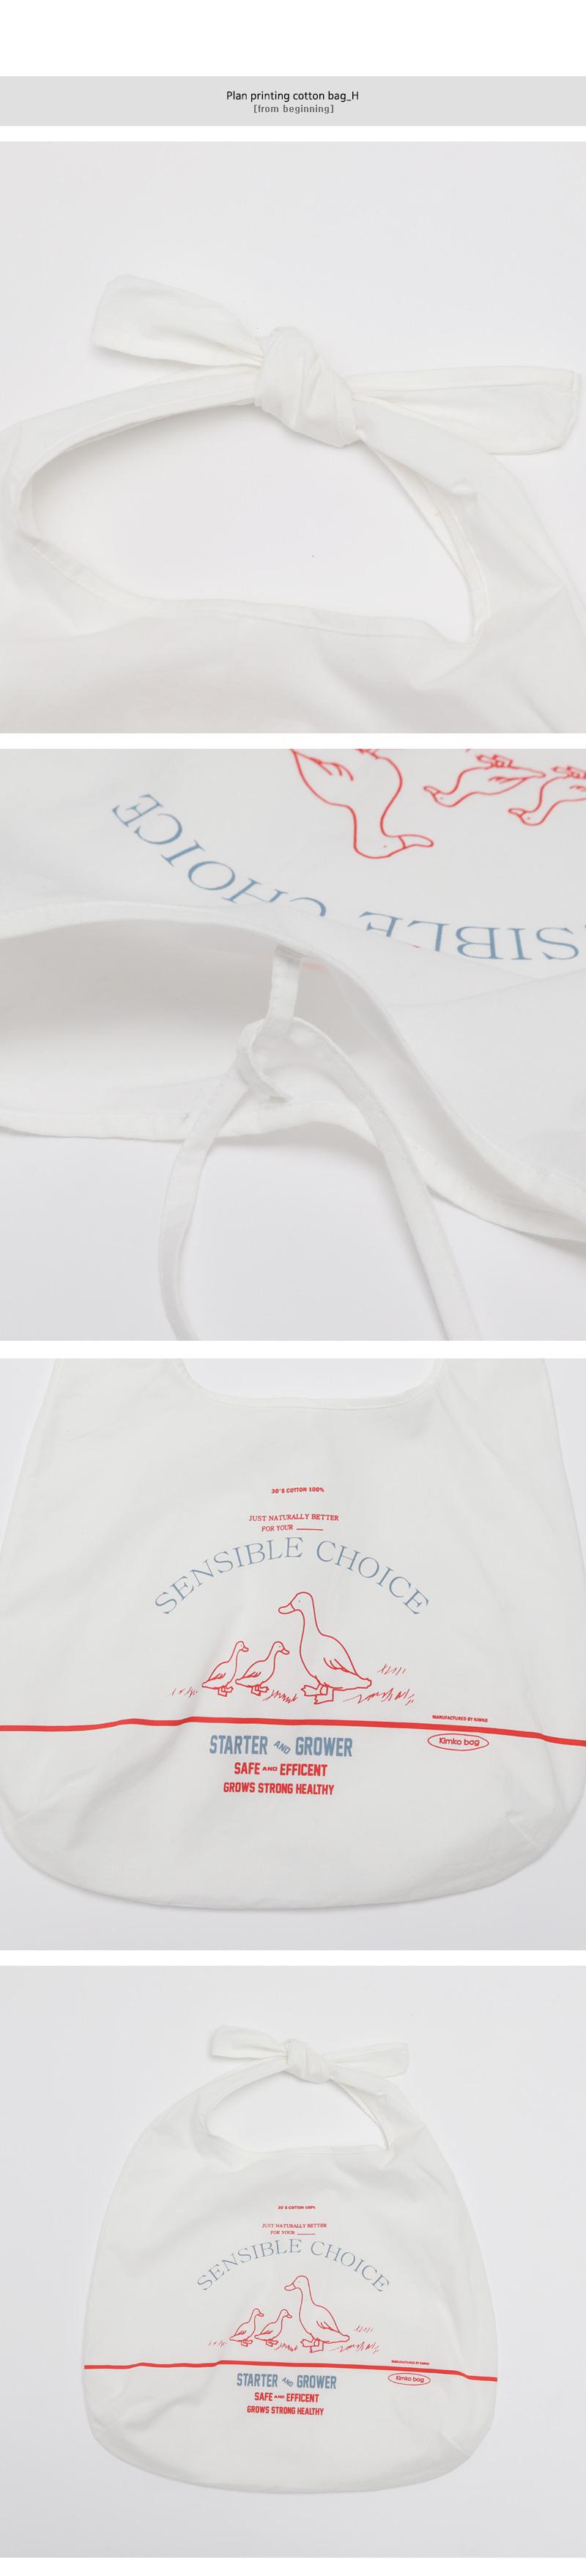 Plan printing cotton bag_H